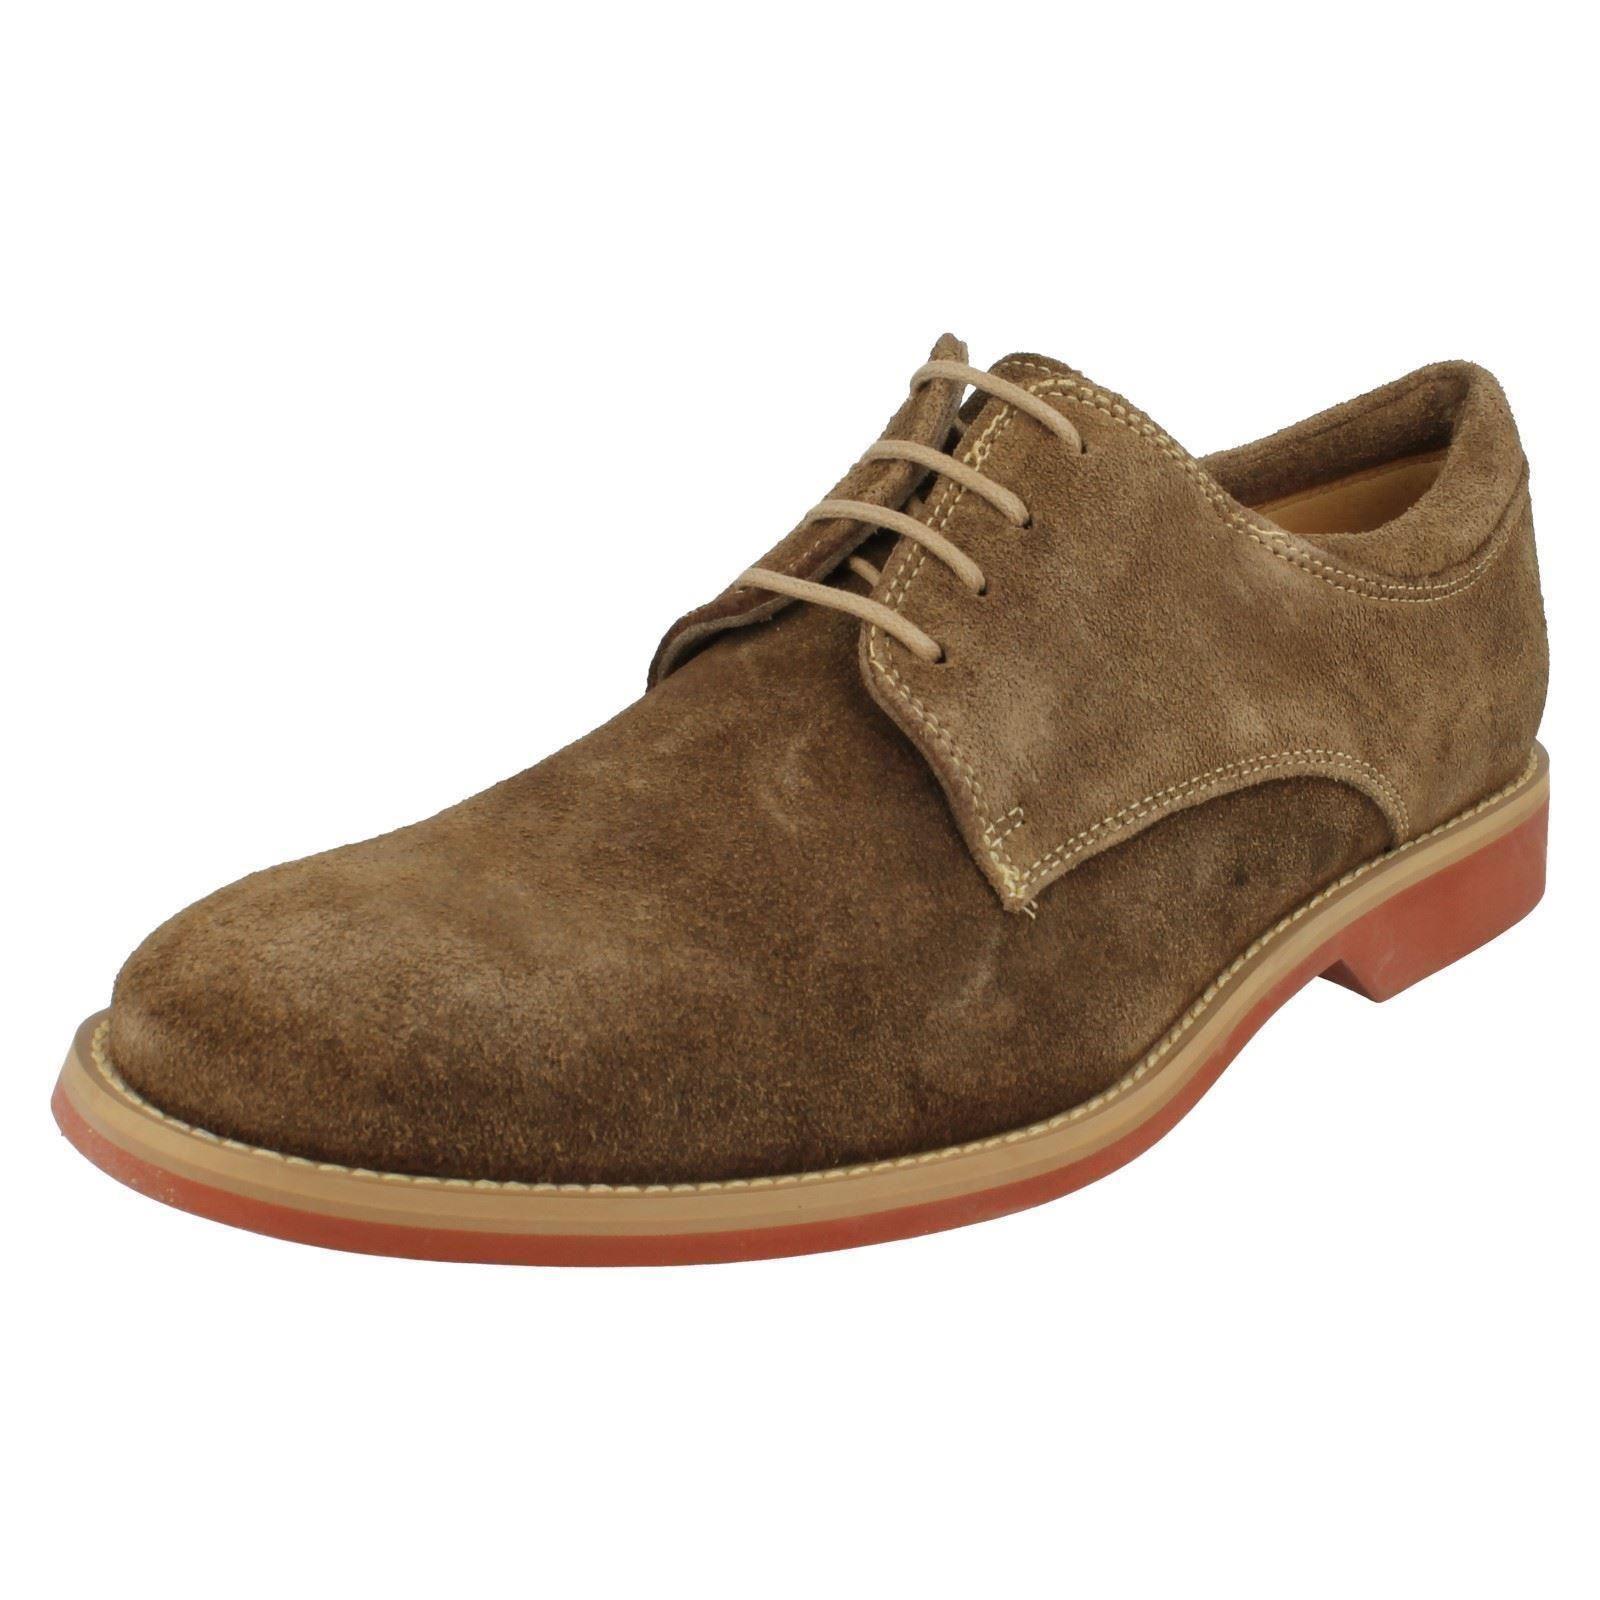 Los últimos zapatos de descuento para hombres y mujeres Para Hombre anatómica & Co Lace Up Leather Calzado Delta 525221